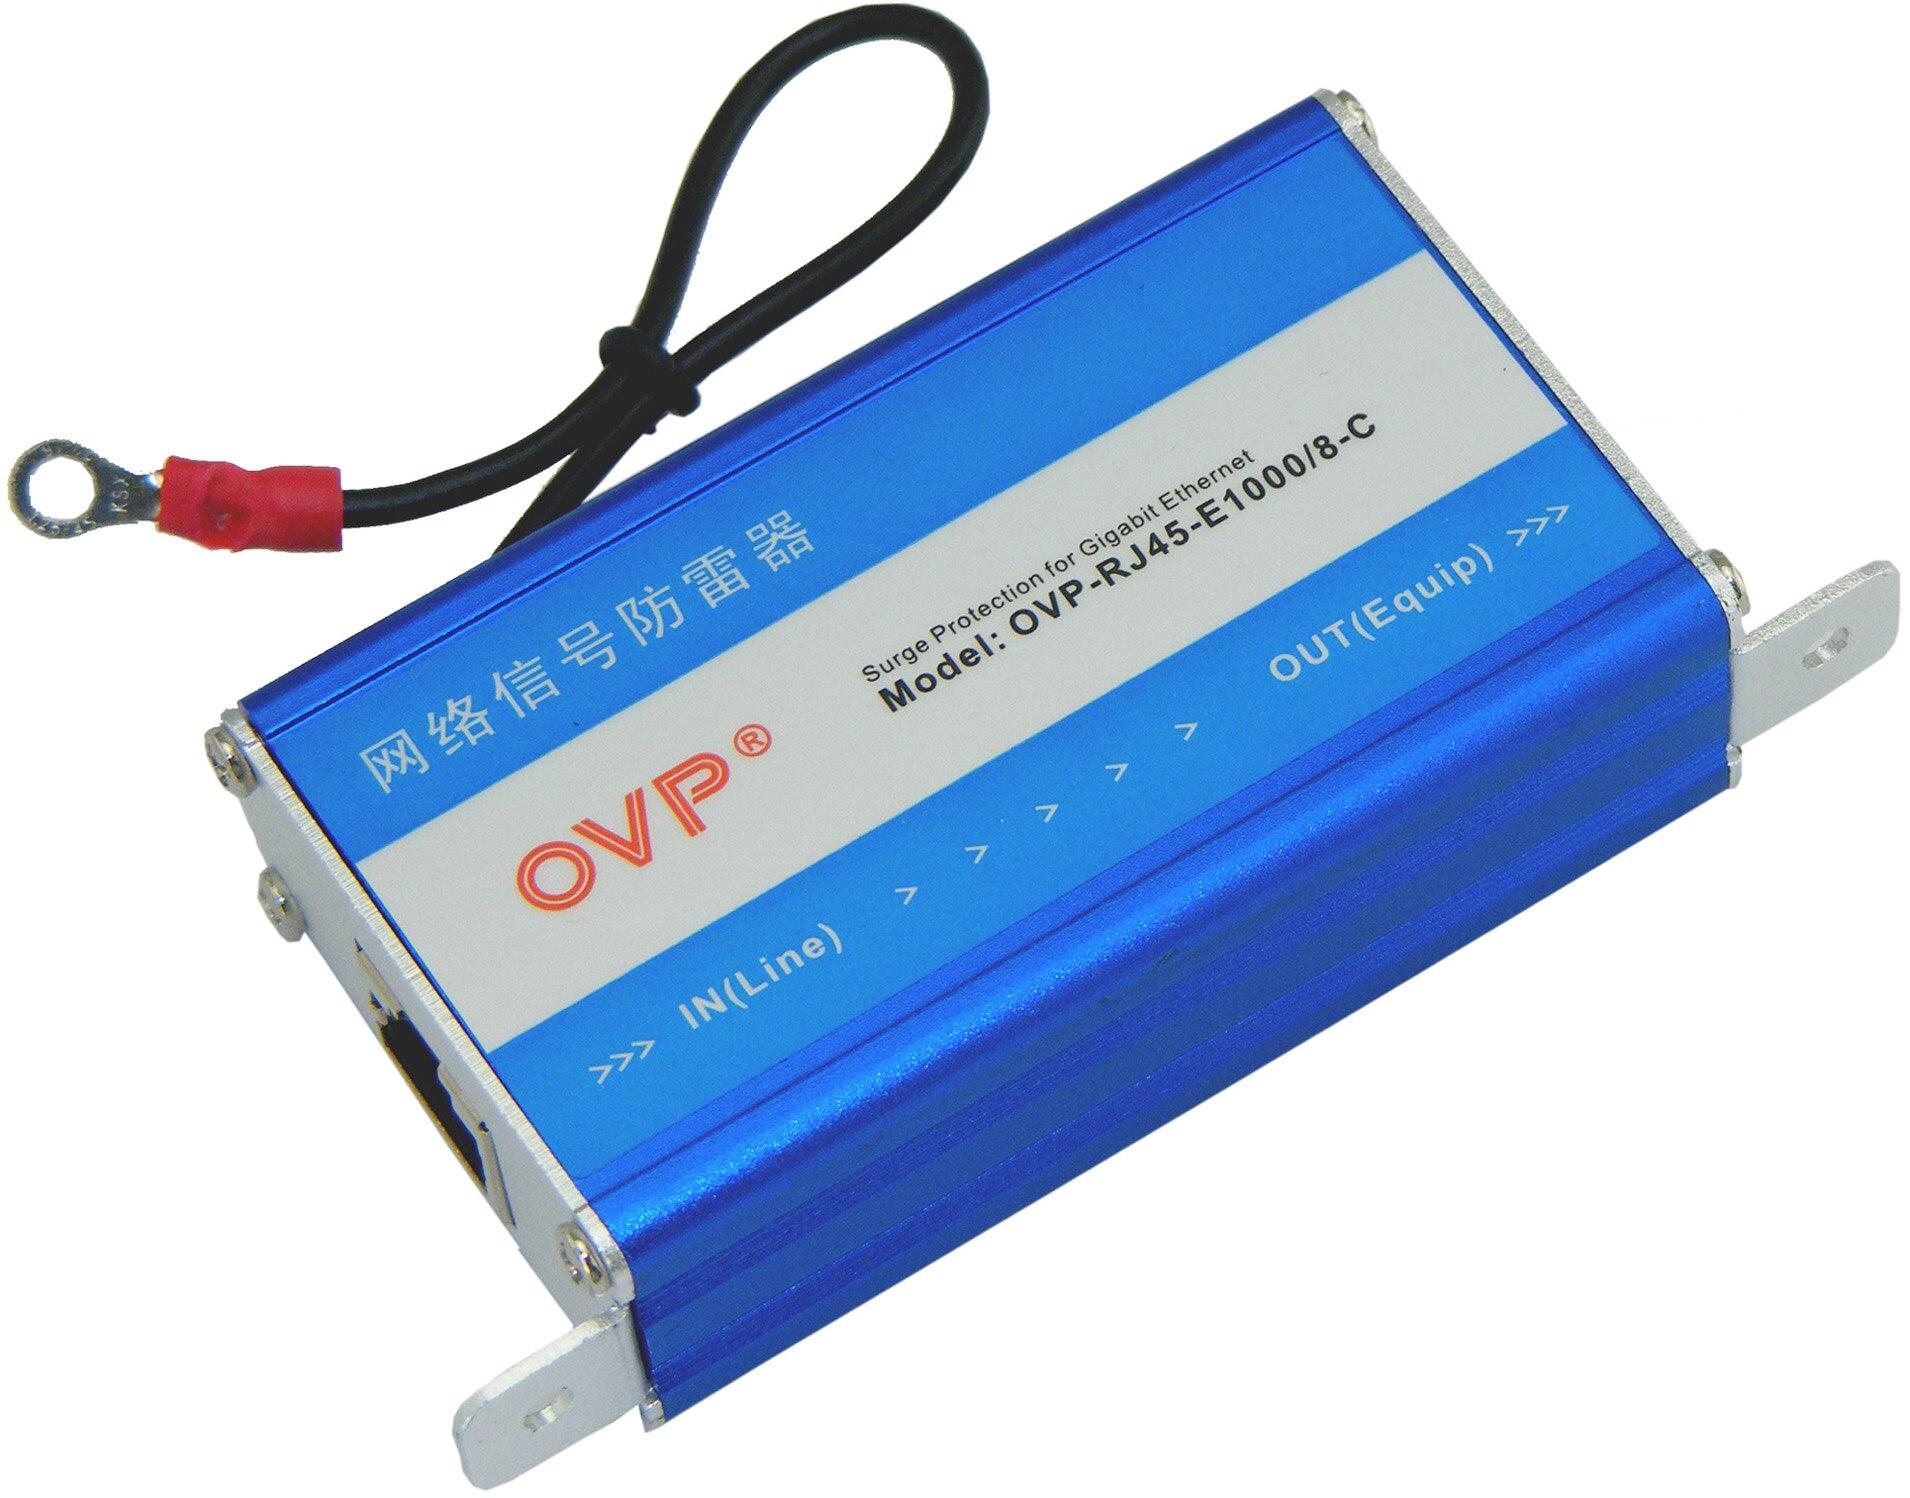 OVP di Rete Gigabit Dispositivo di Protezione Contro I Fulmini 1000 Megabit Rete Segnale ParafulmineOVP di Rete Gigabit Dispositivo di Protezione Contro I Fulmini 1000 Megabit Rete Segnale Parafulmine